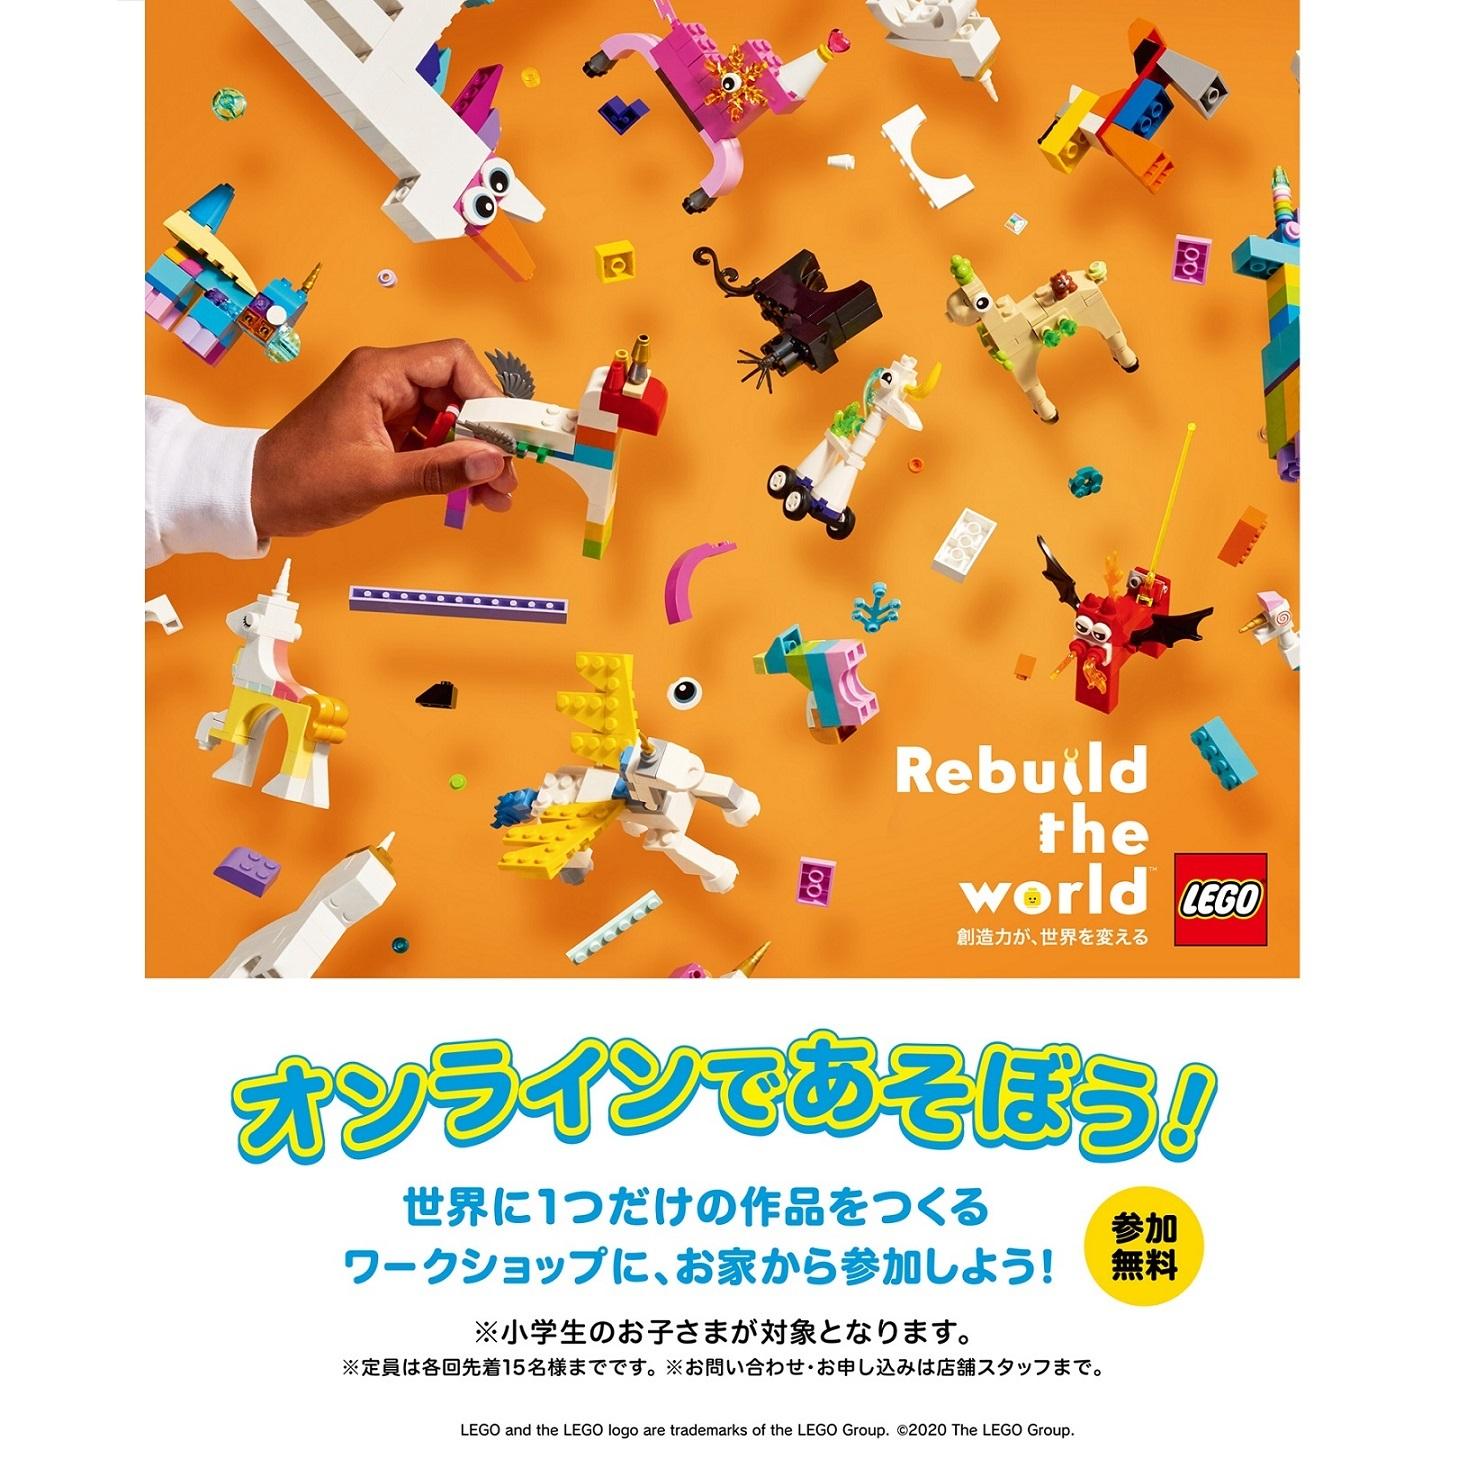 10/25(日)有明レゴストアでオンラインワークショップ開催!レゴキッズは参加しよう!(2020)